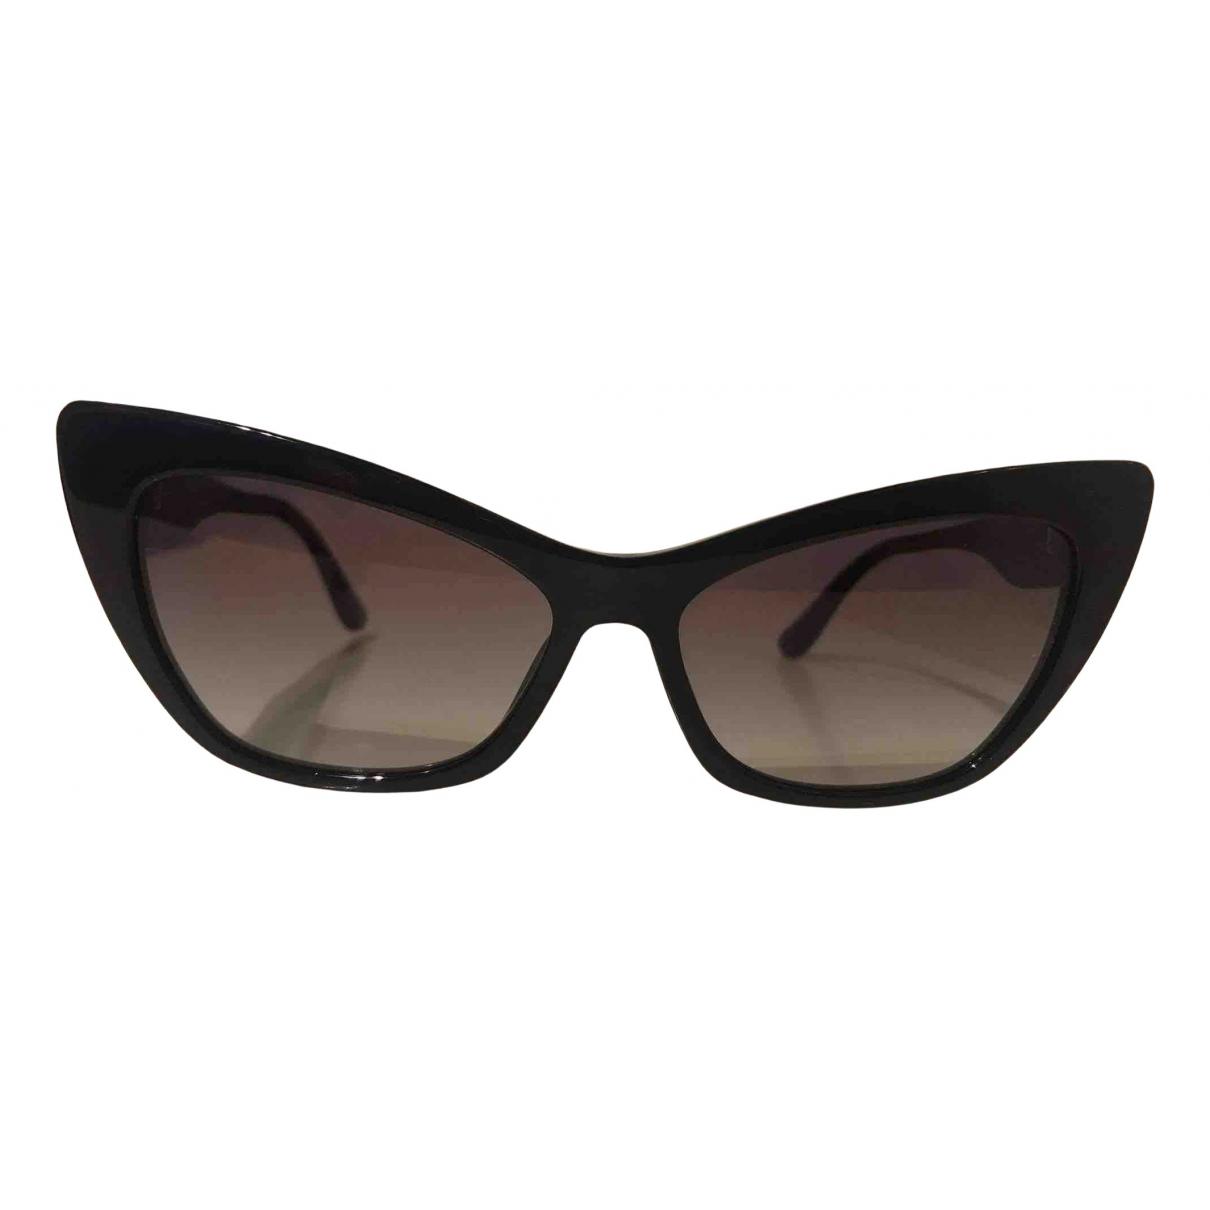 Gafas Dolce & Gabbana